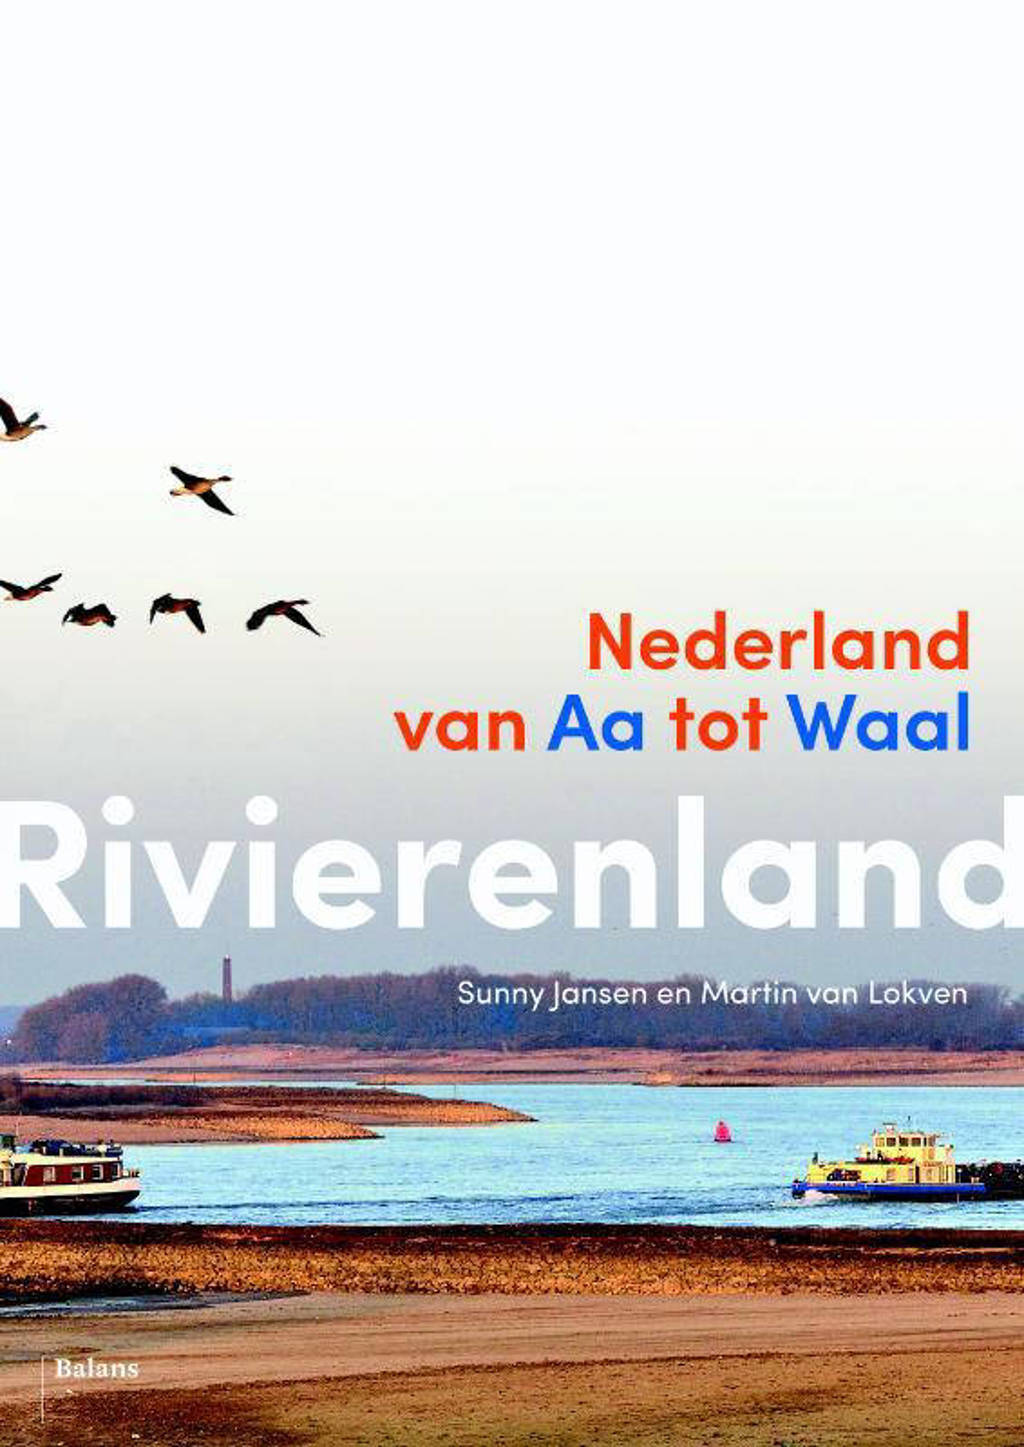 Rivierenland - Sunny Jansen en Martin van Lokven